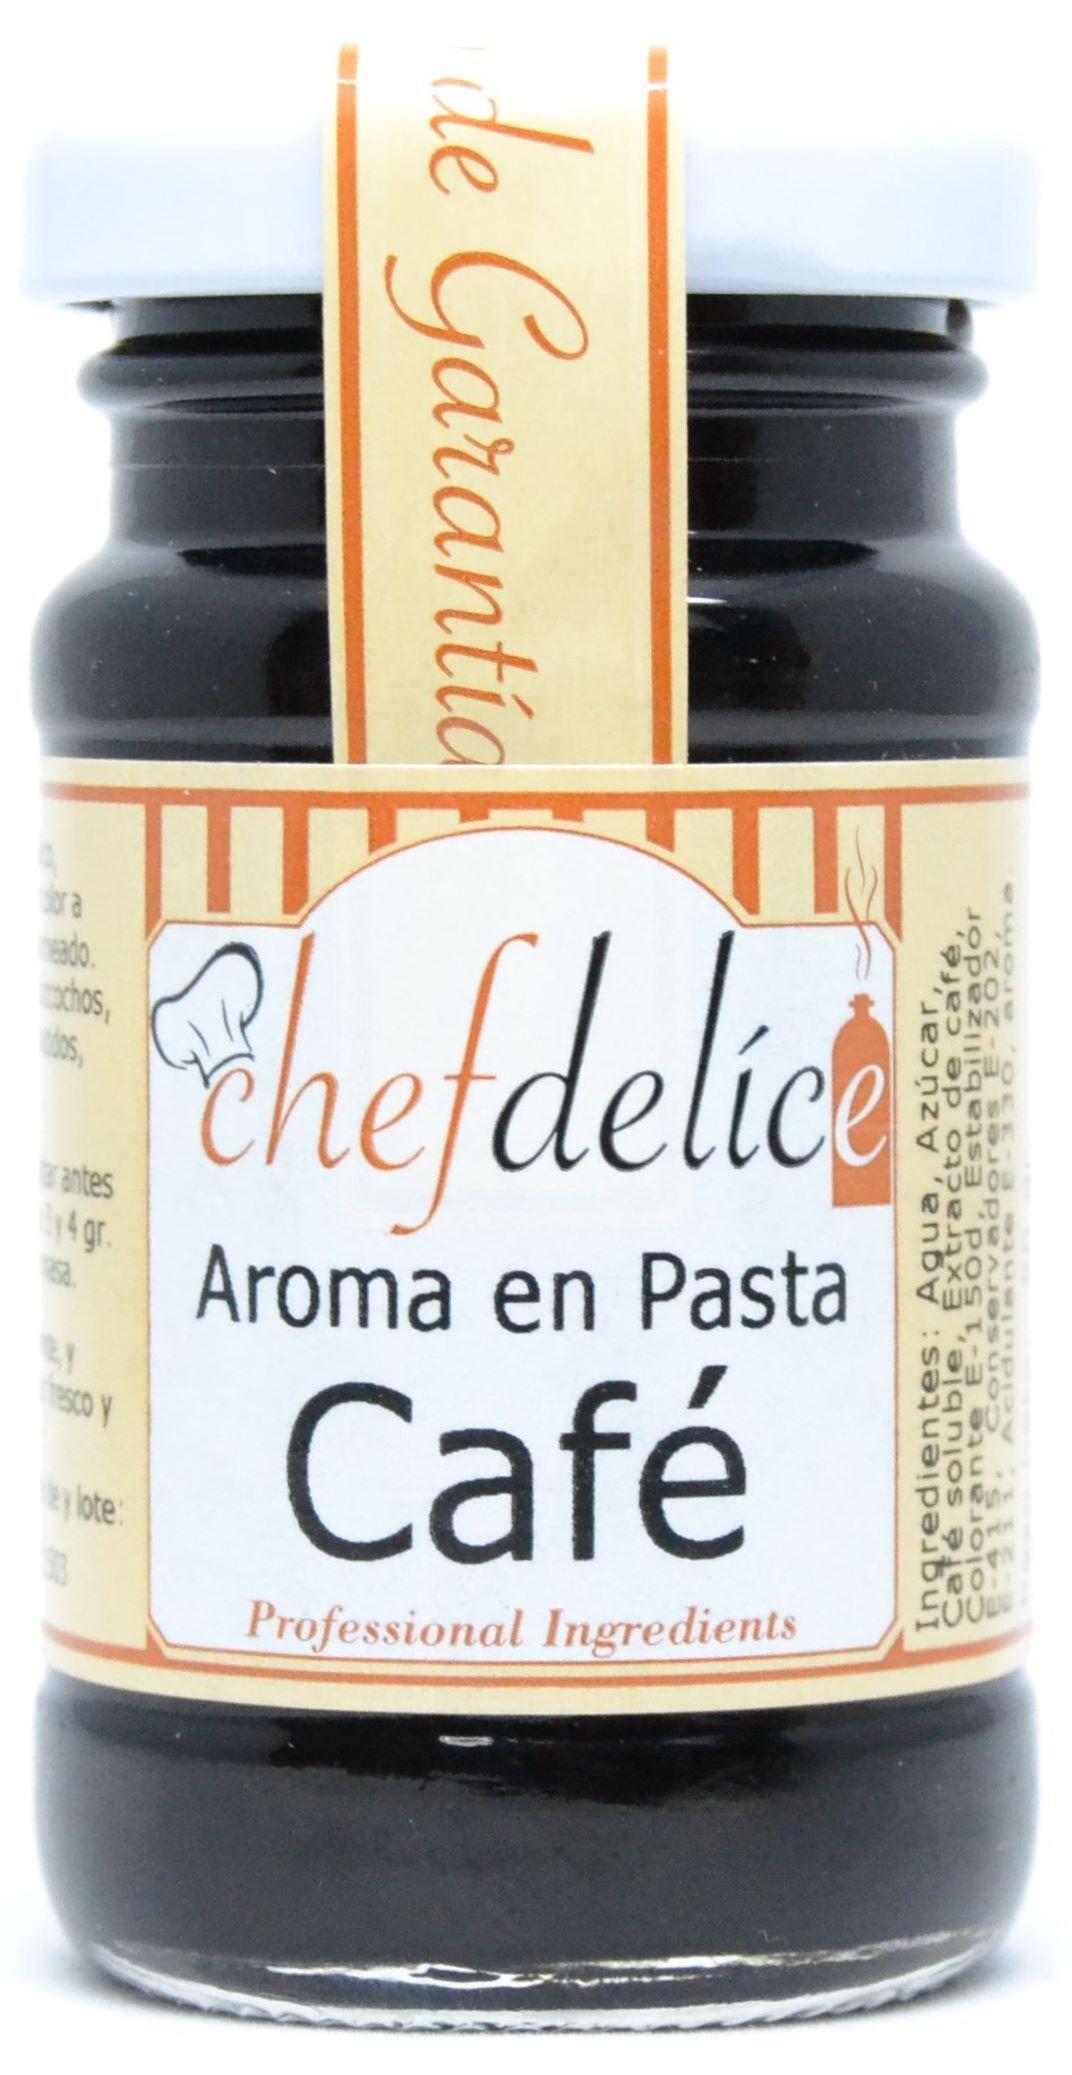 CAFE AROMA EN PASTA EMUL. 50 G CHEFDELICE en Biovegalia